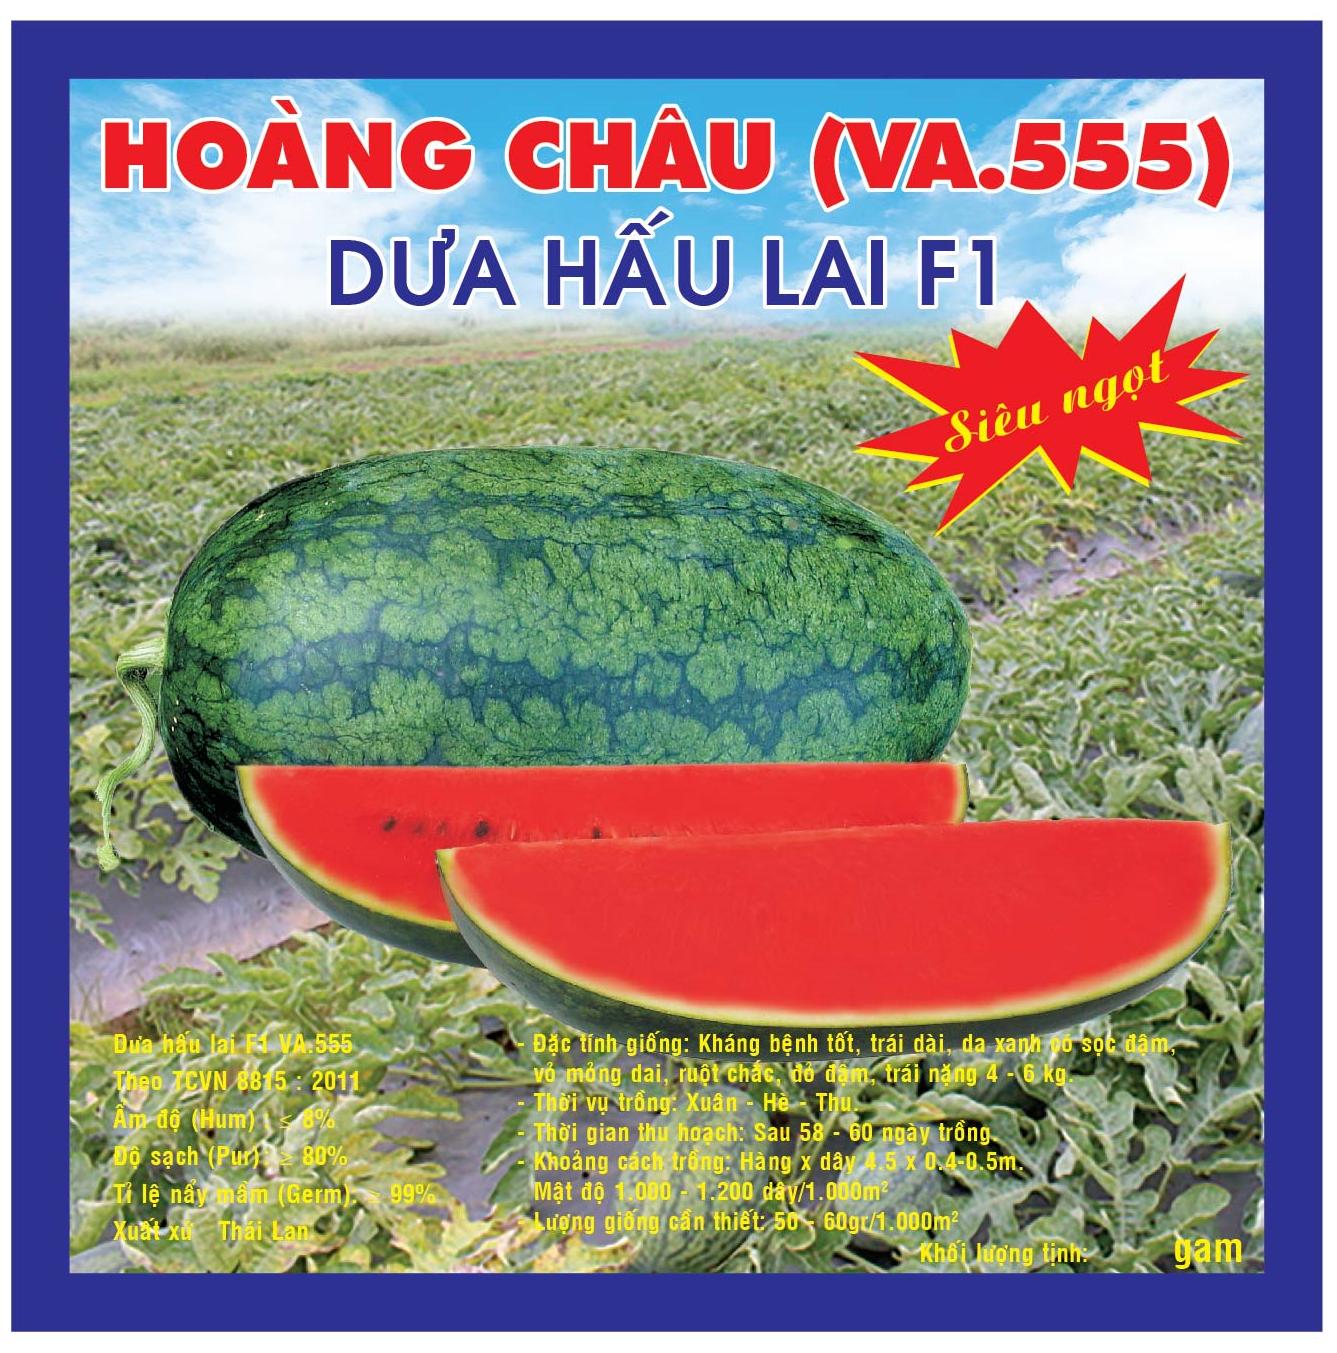 DƯA HẤU LAI F1 HOÀNG CHÂU VA555